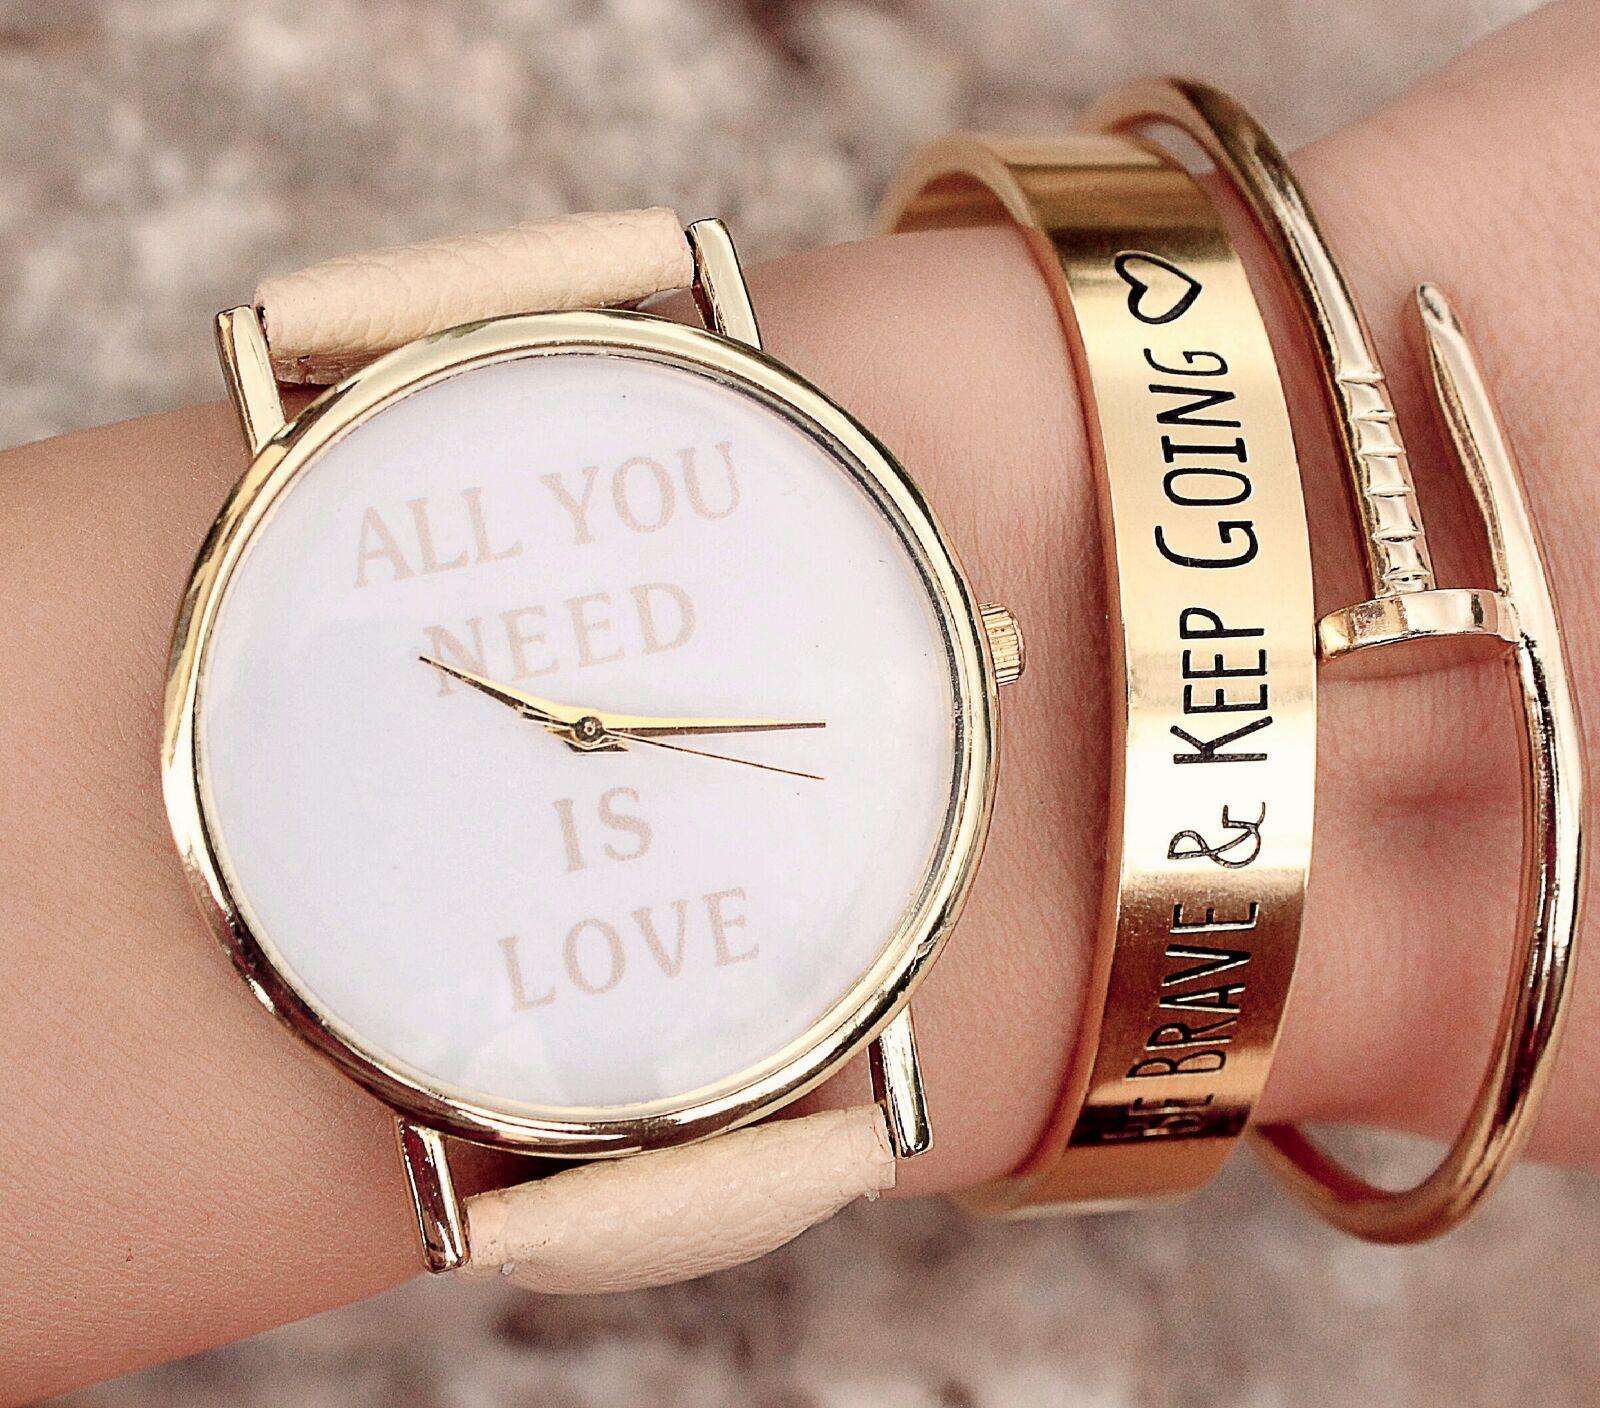 984d8fac10b8 Les montres femme tendance pour briller à la rentrée – Orion Magazine